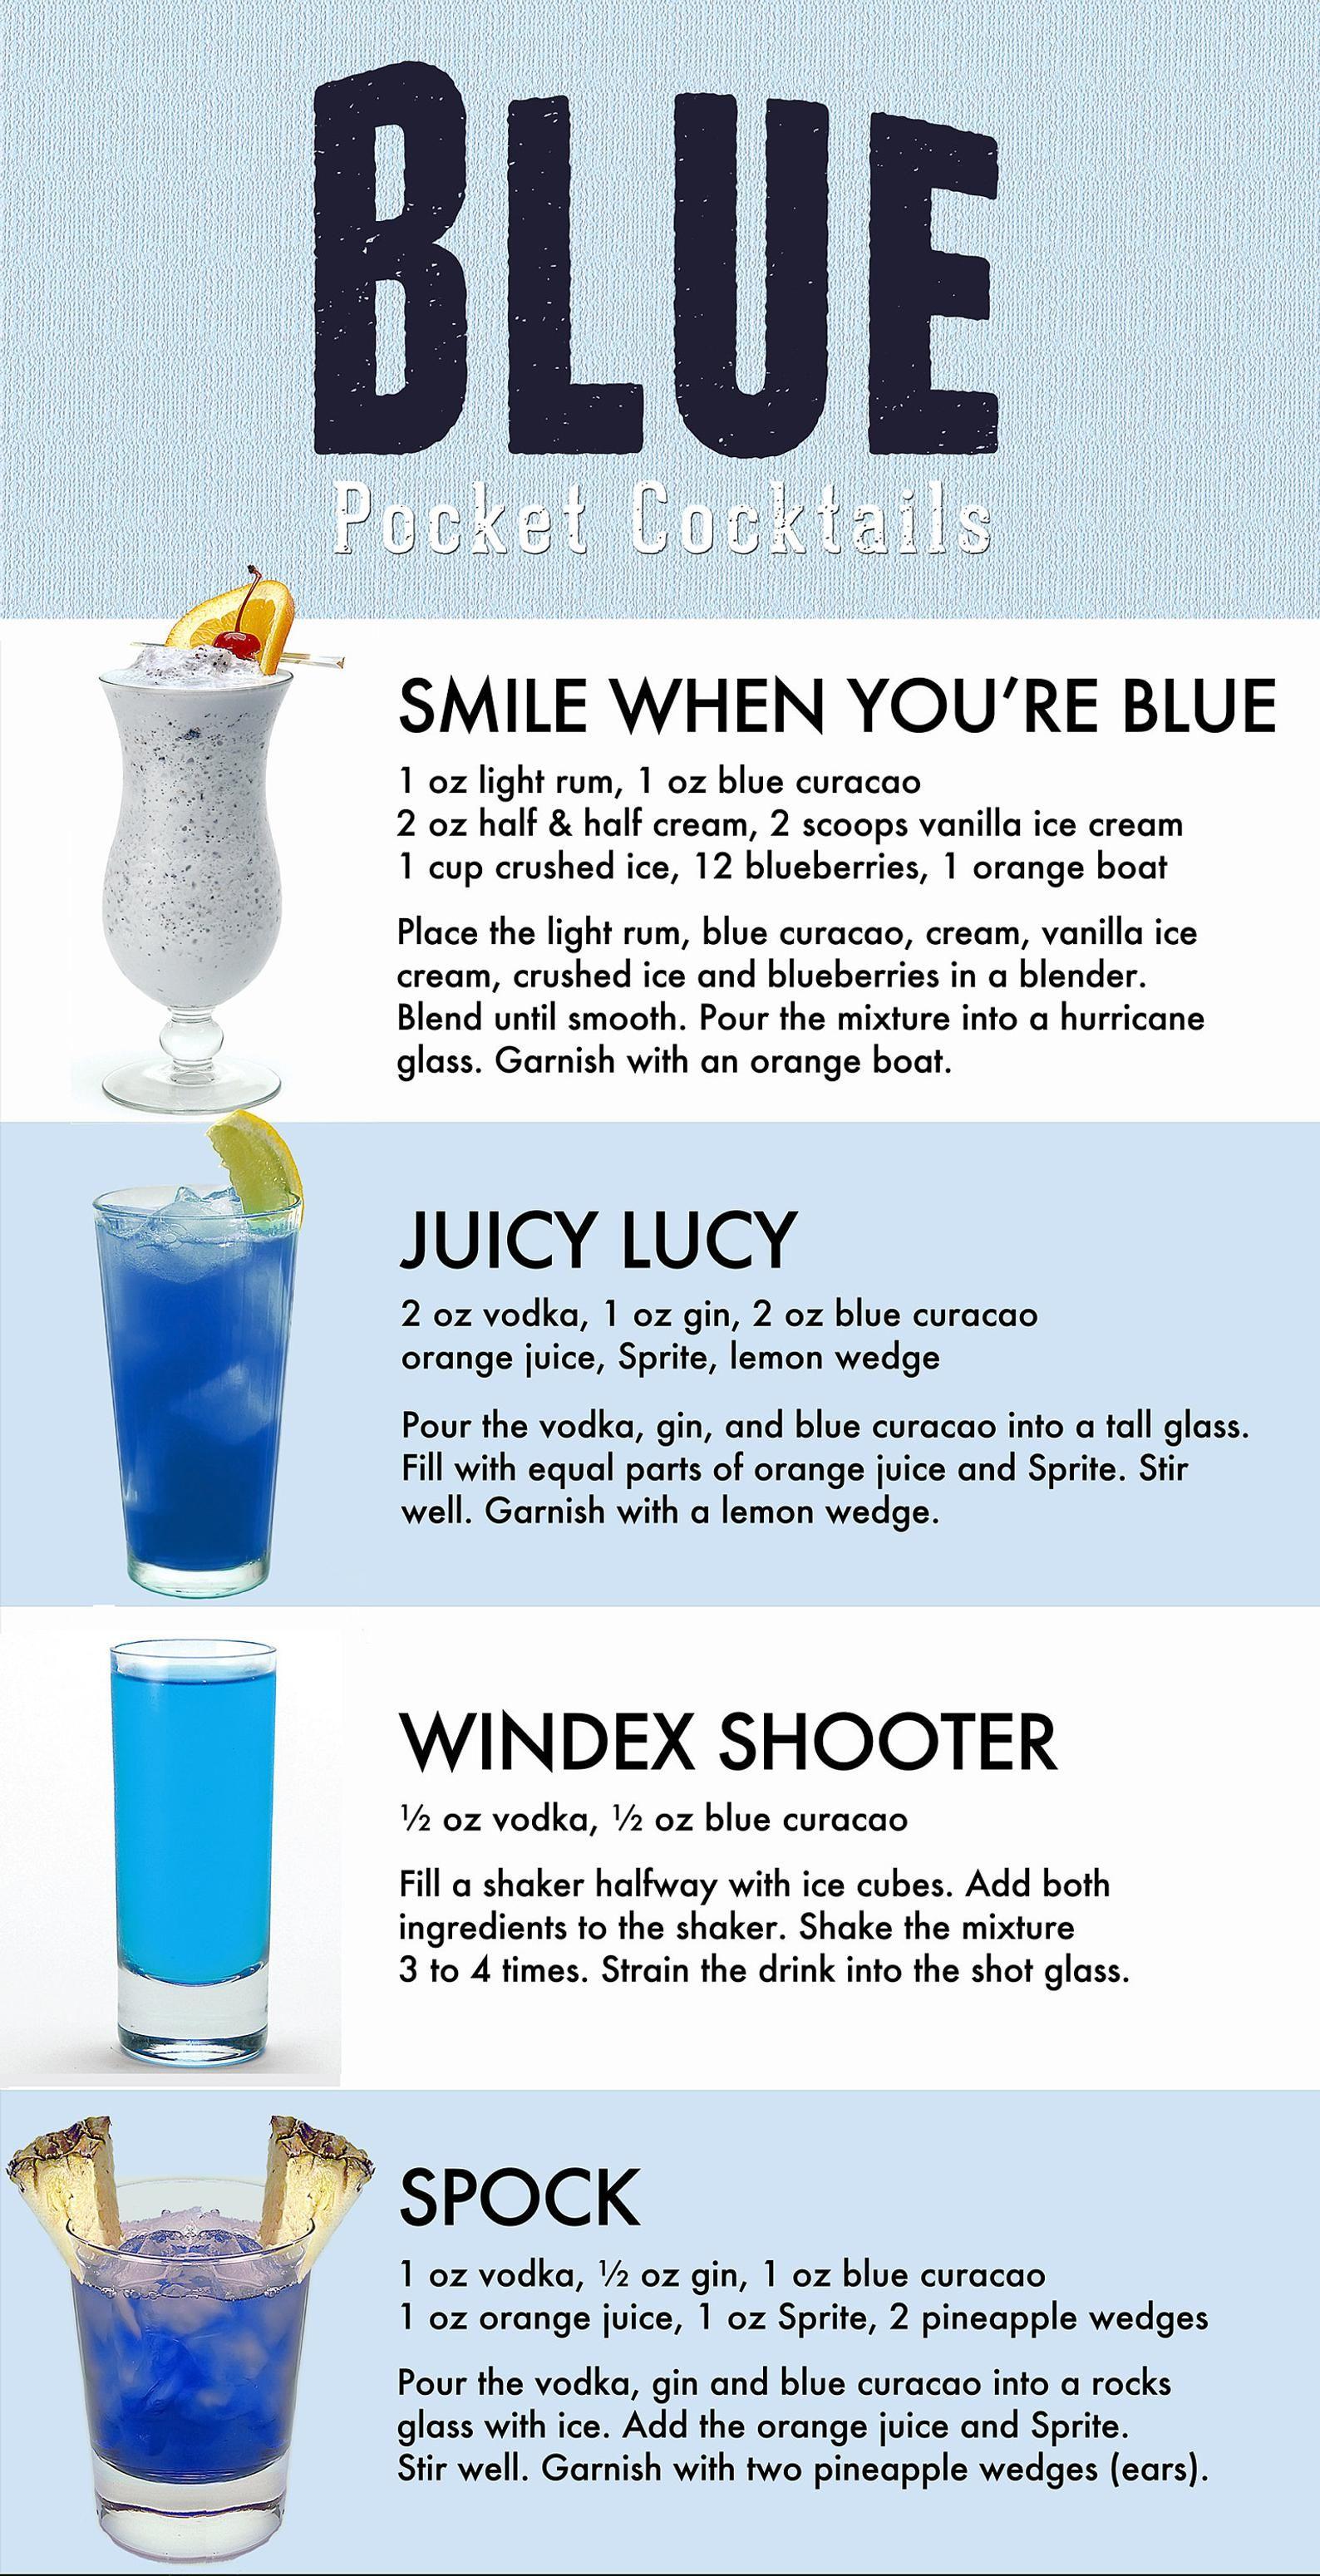 Pop Cocktails Drink PosterBoard - 24